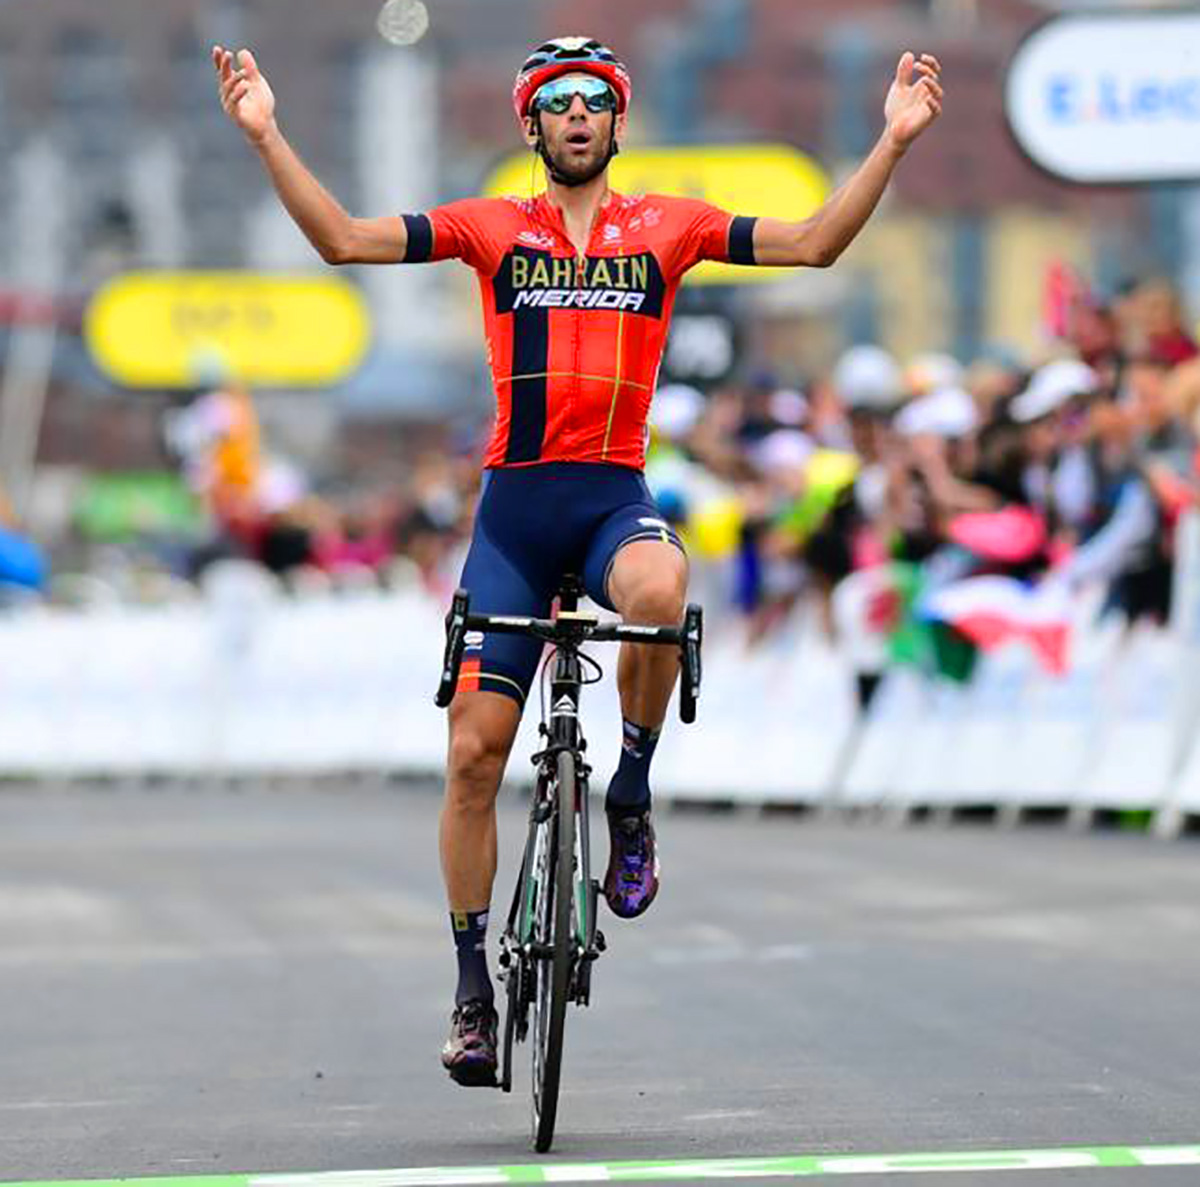 diciottesima tappa vittoria di Vincenzo Nibali tour de france 2019